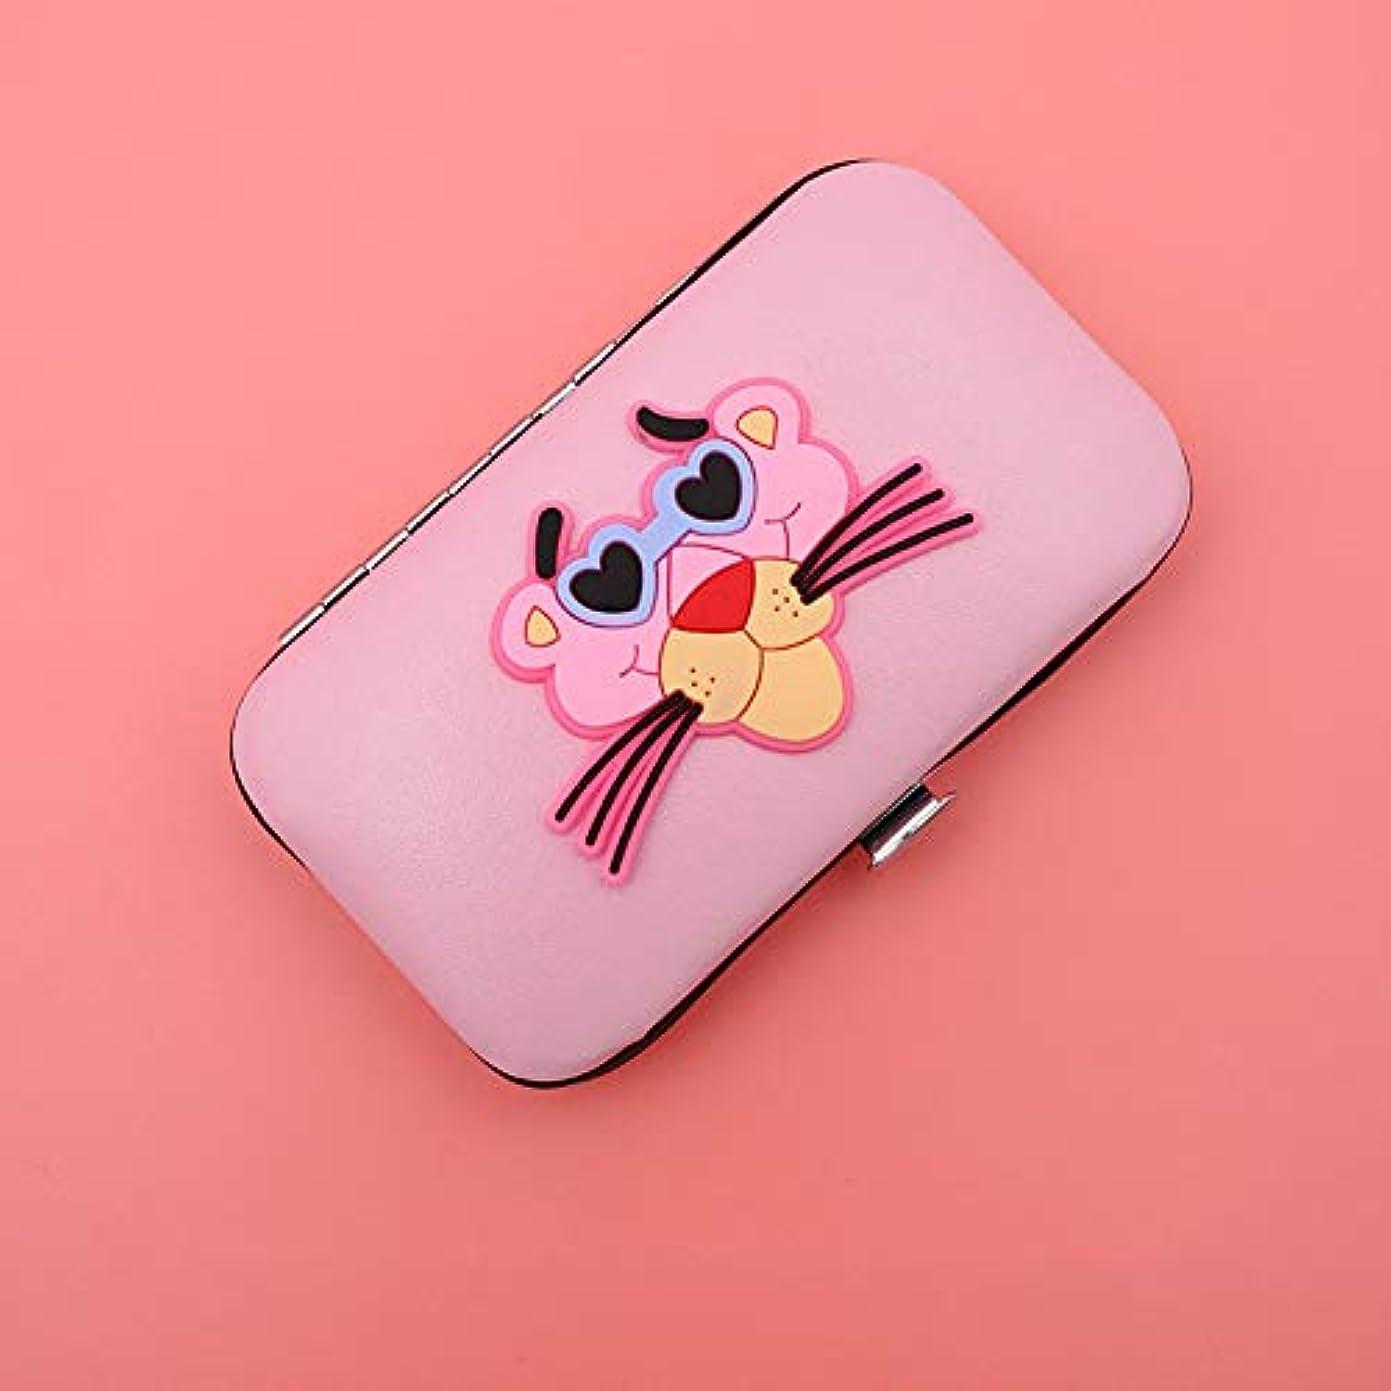 タフローマ人軍艦ネイルクリッパー7点セット、美容ツールセット、女の子漫画ピンクの箱入りのためのマニキュアキット(anthomaniacヒョウ)のネイル